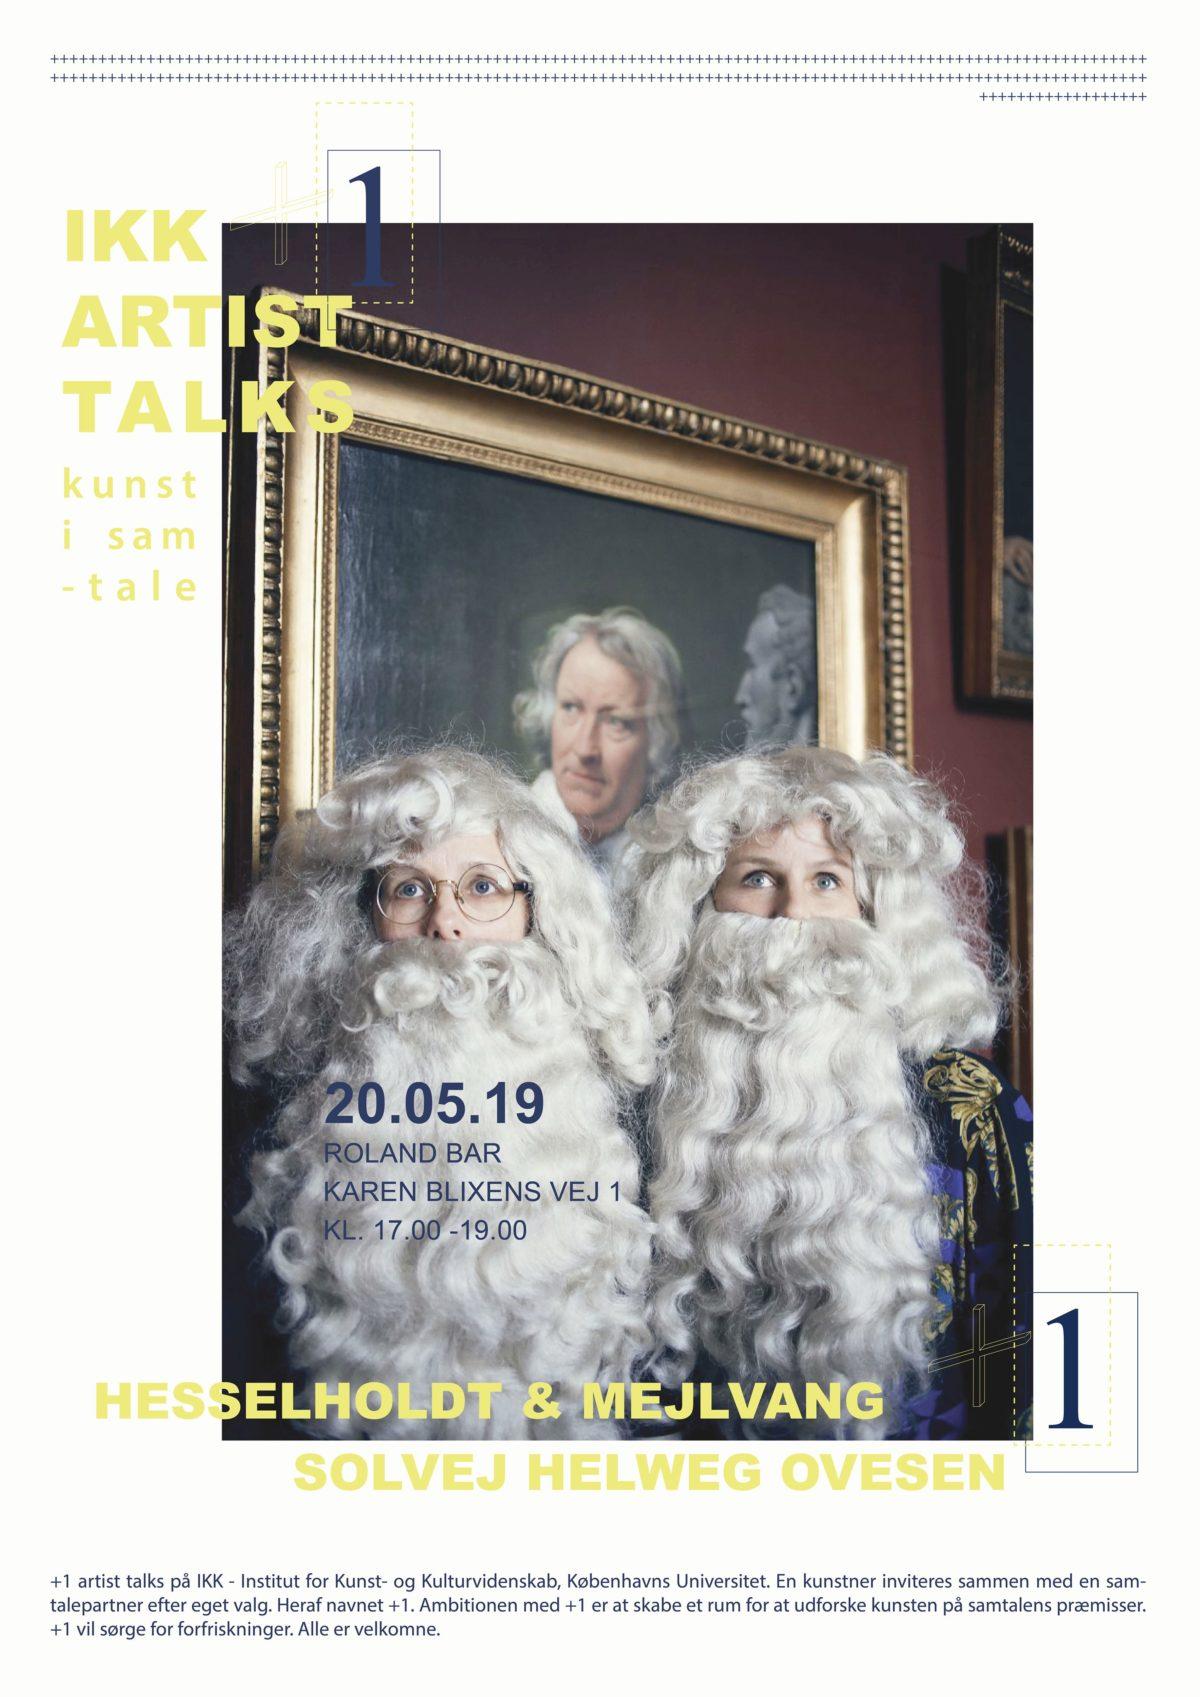 +1: Hesselholdt & Mejlvang + Solvej Helweg Ovesen